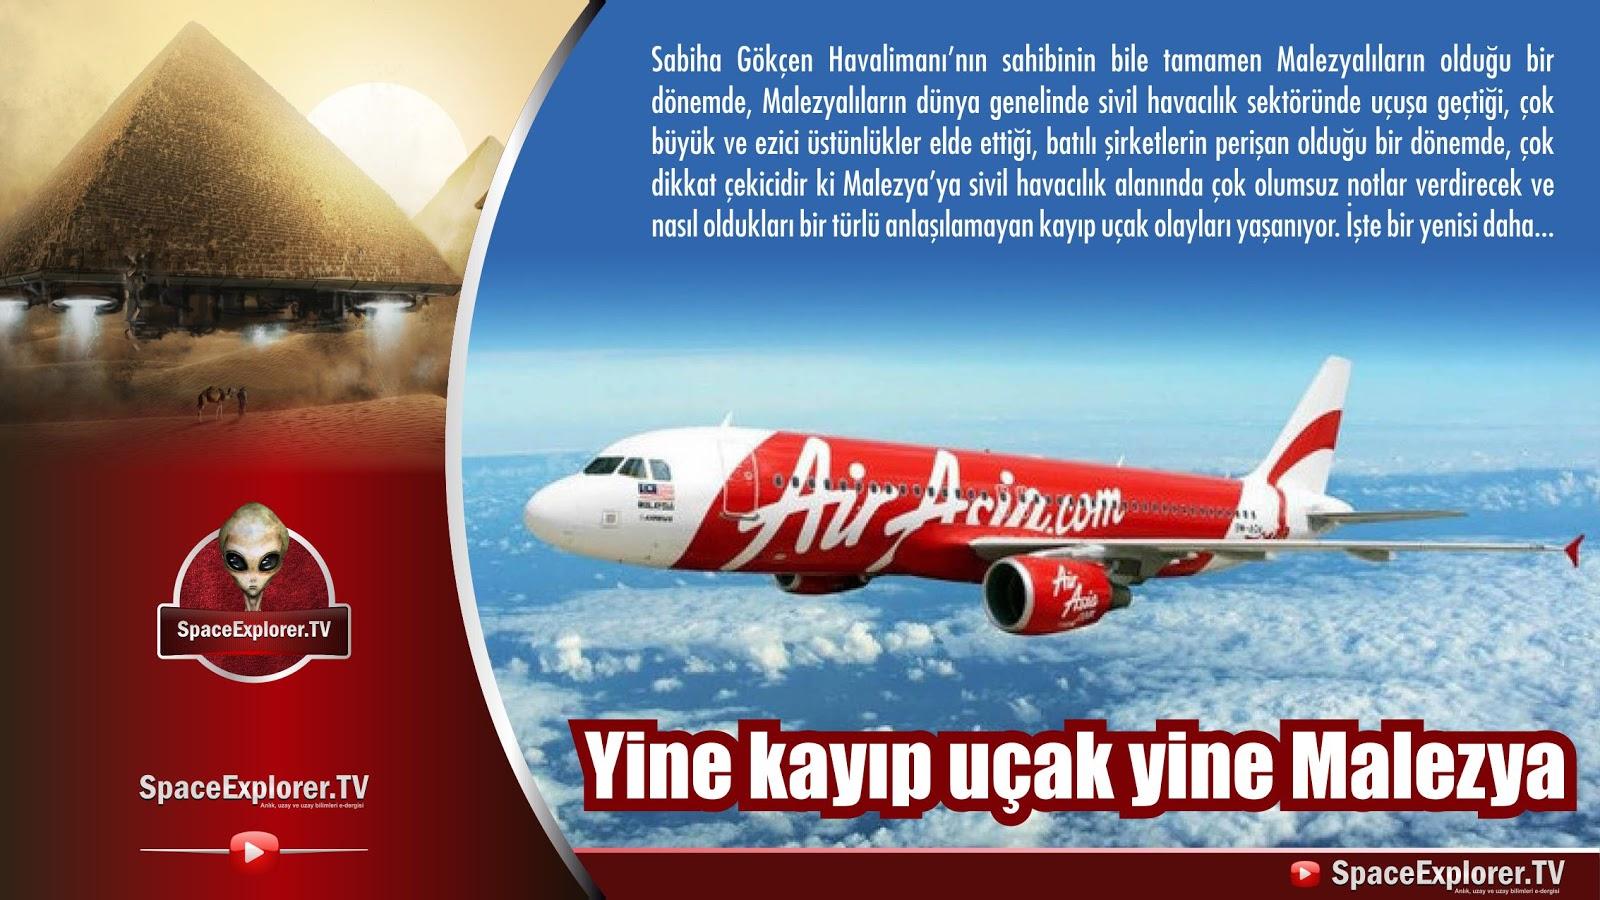 Yine kayıp uçak yine Malezya